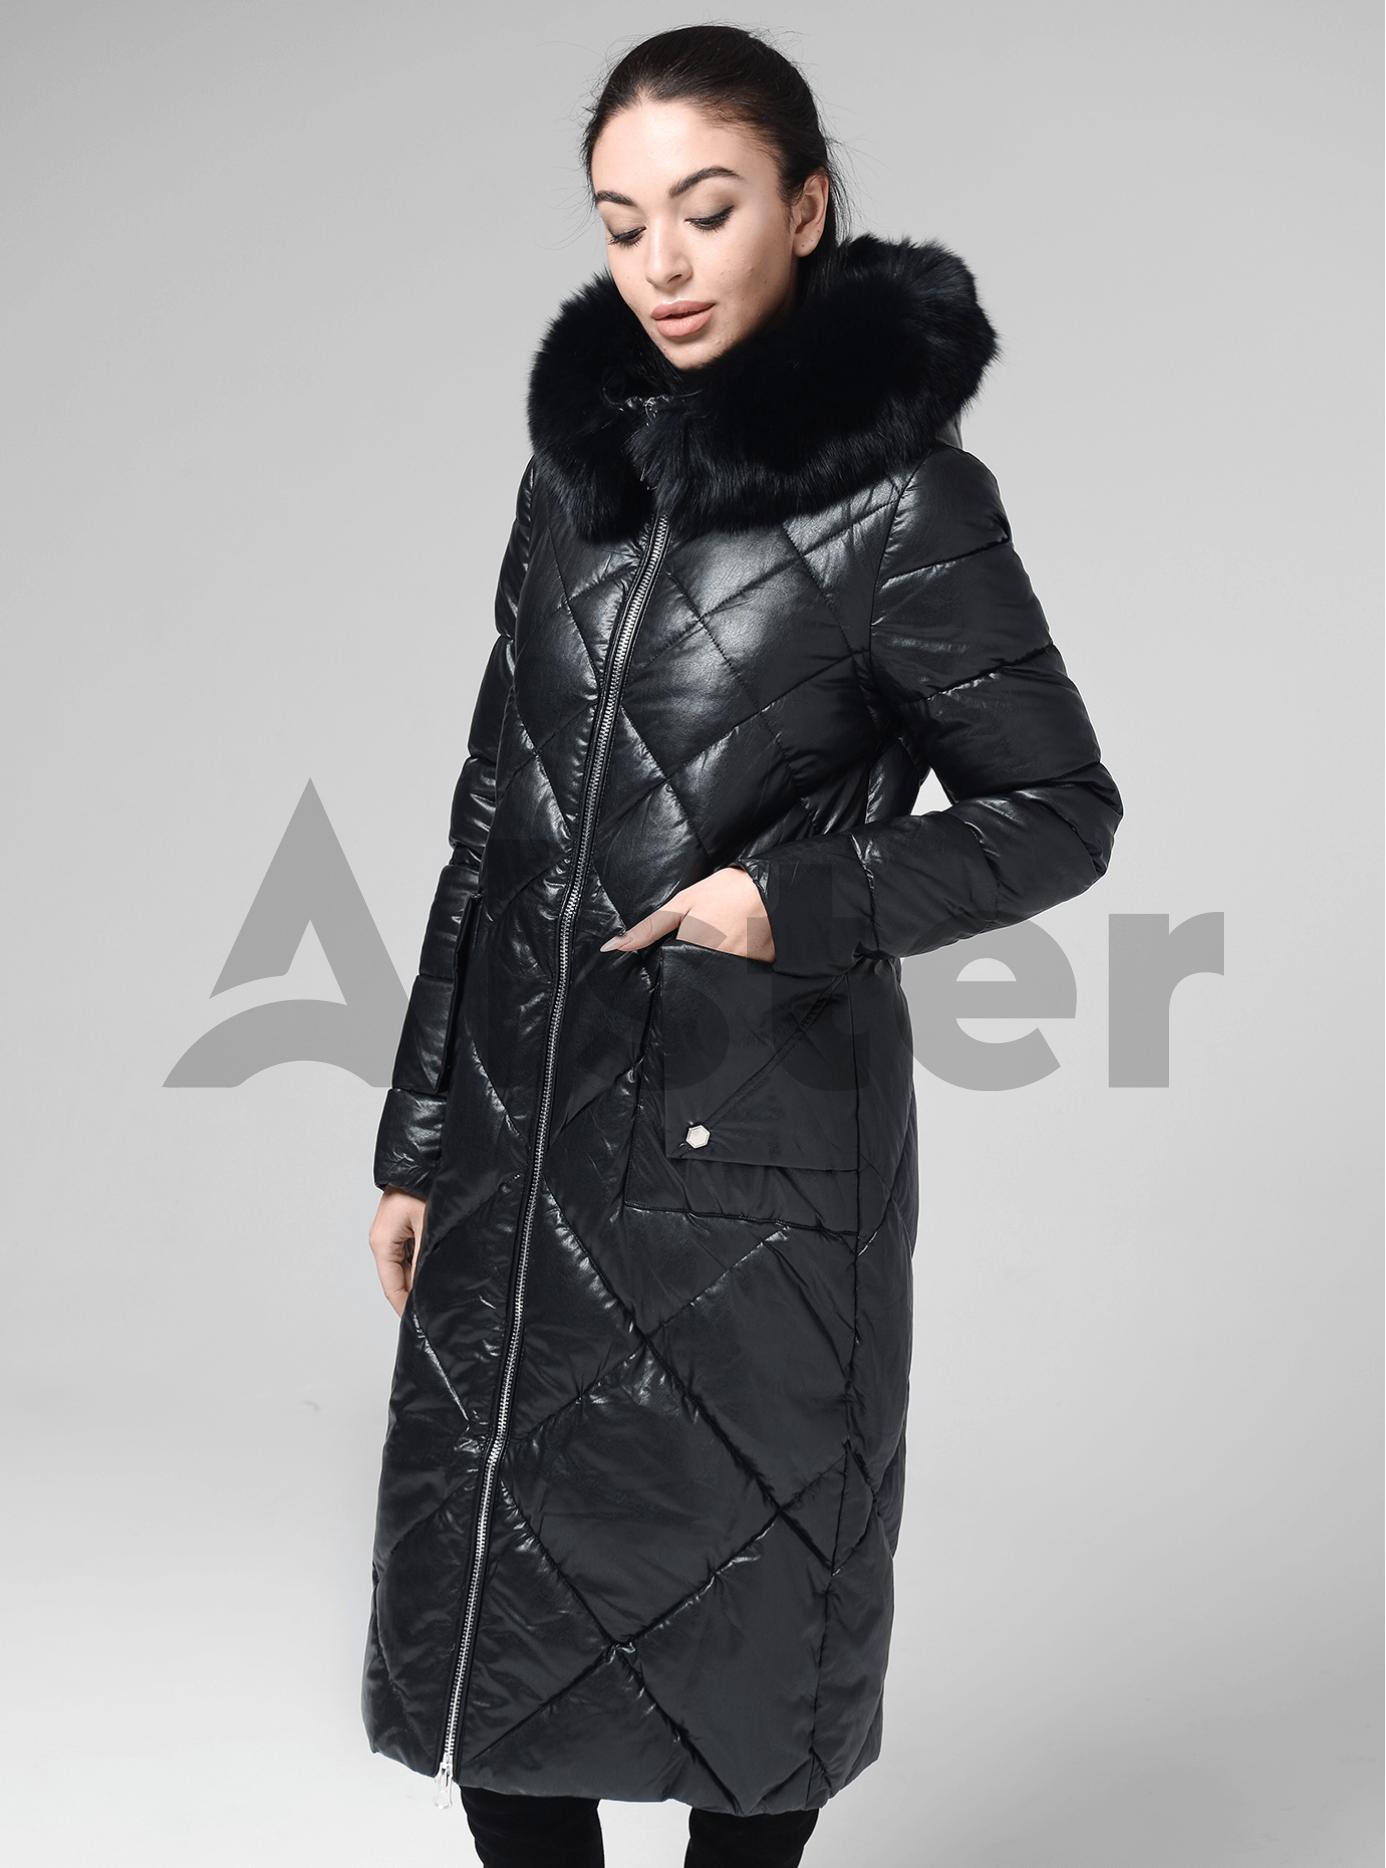 Куртка довга пряма з хутром песця на капюшоні Чорний L (05-ZL2124): фото - Alster.ua